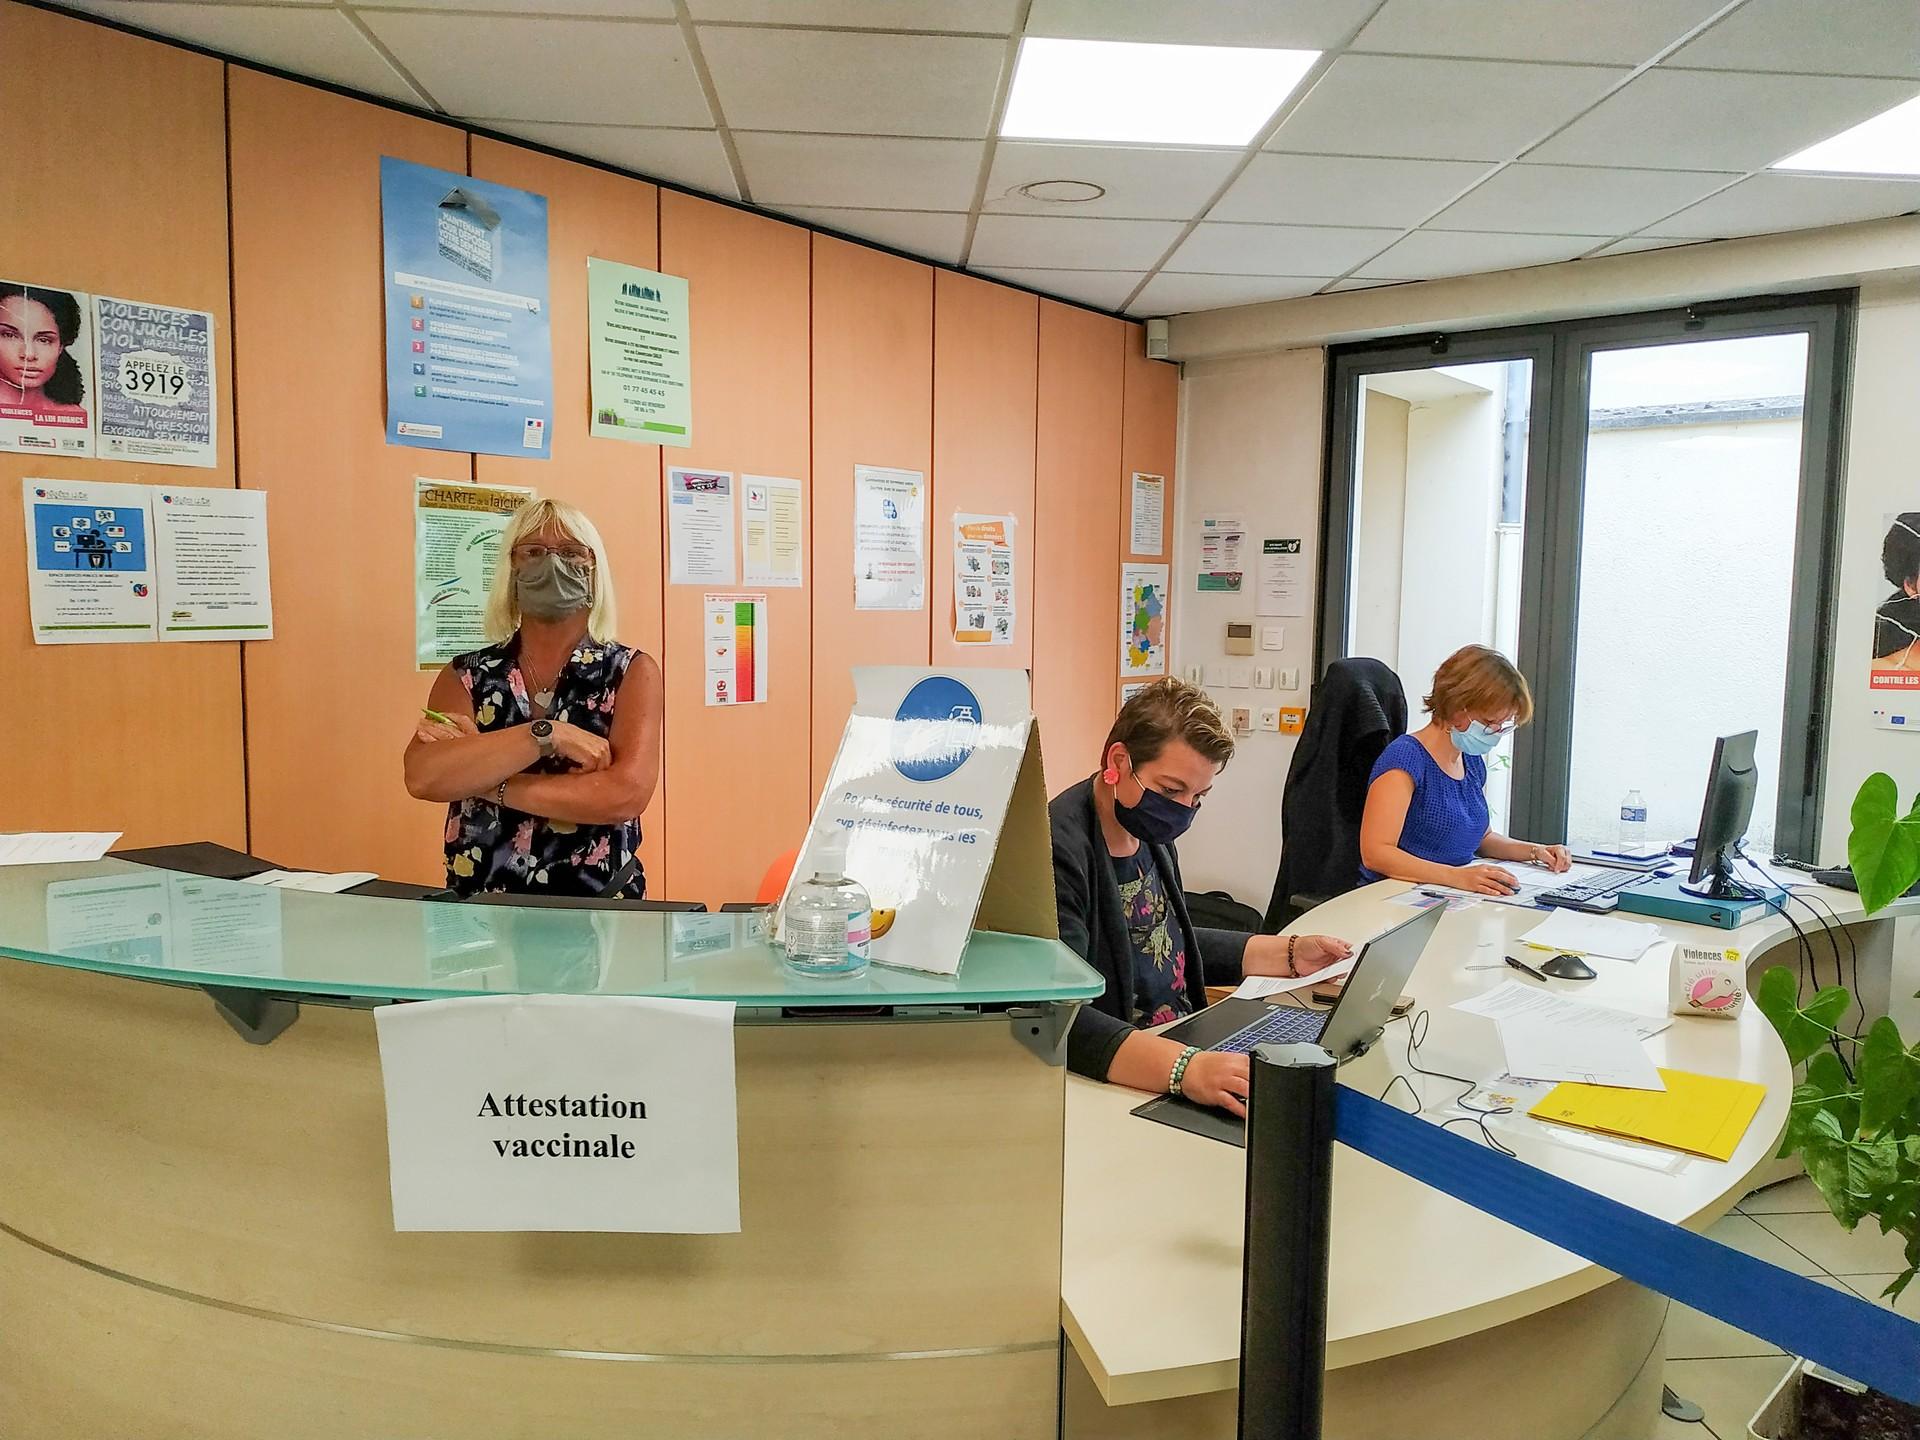 Accueil du centre de vaccination lors de la première session.